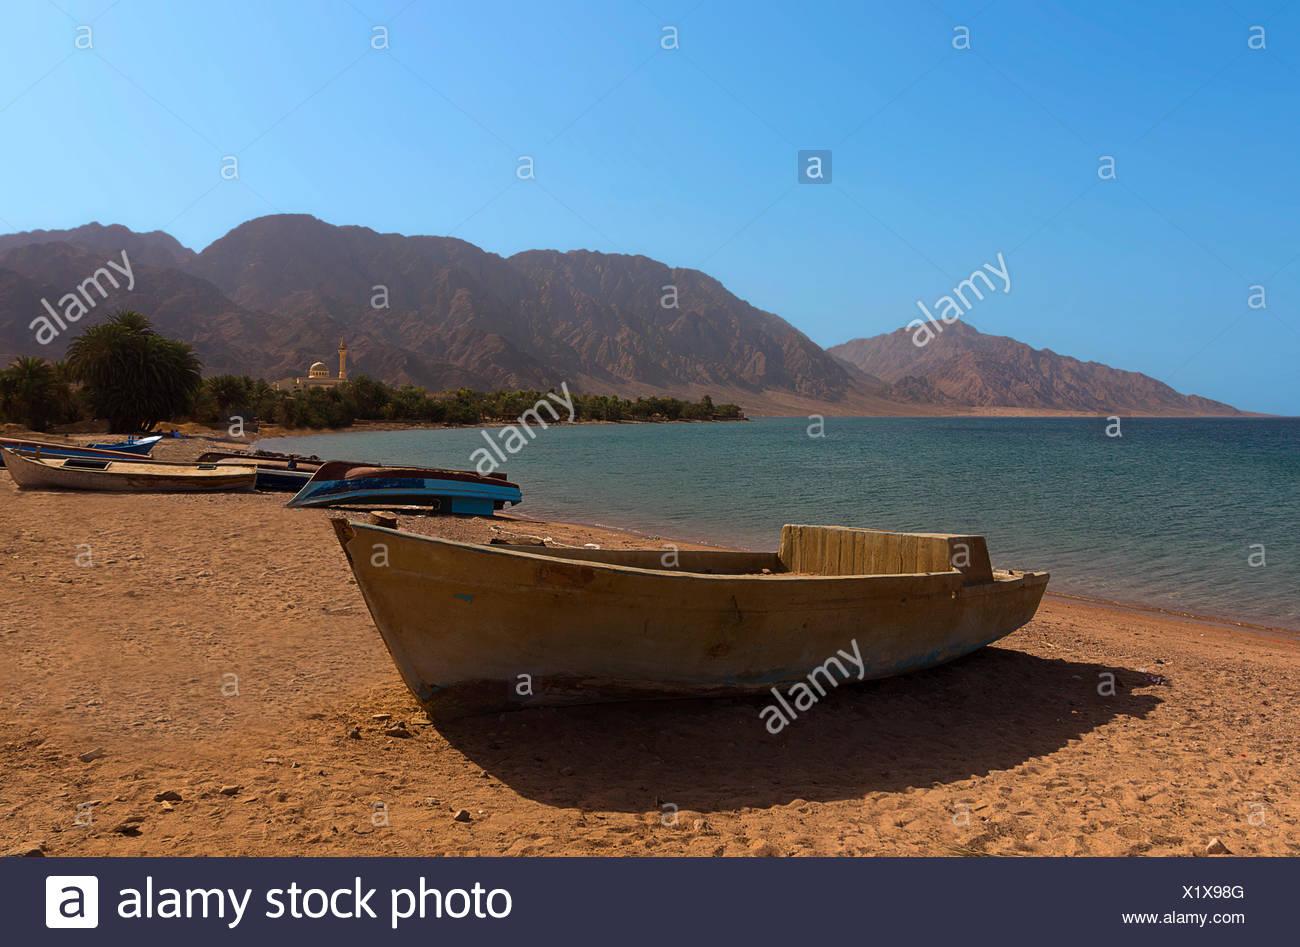 the fishermen's beach of nuweiba - Stock Image